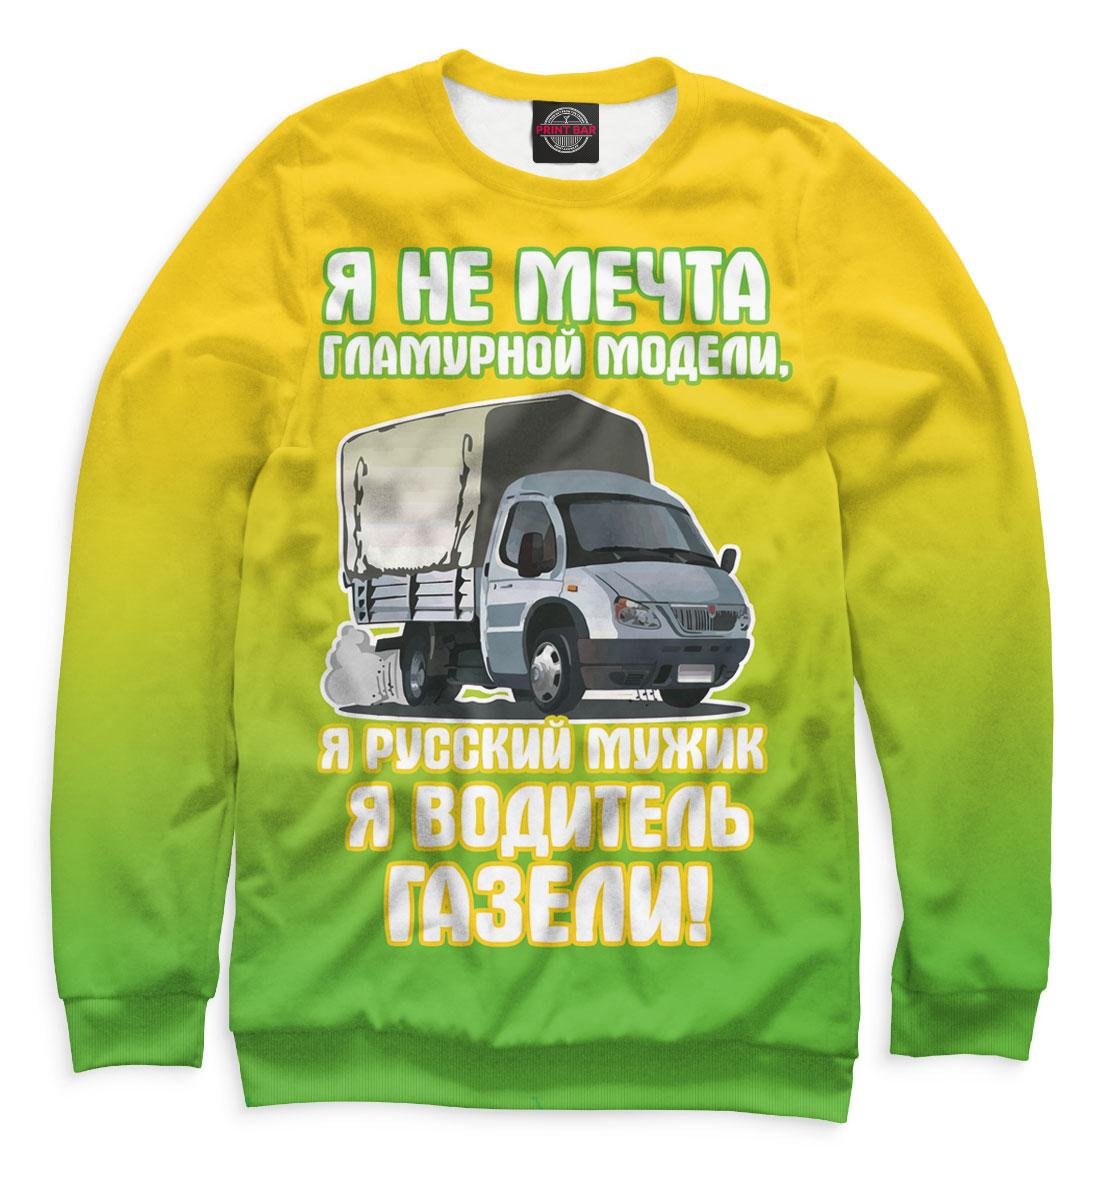 смешная картинка про водителя на футболку следует сочетать